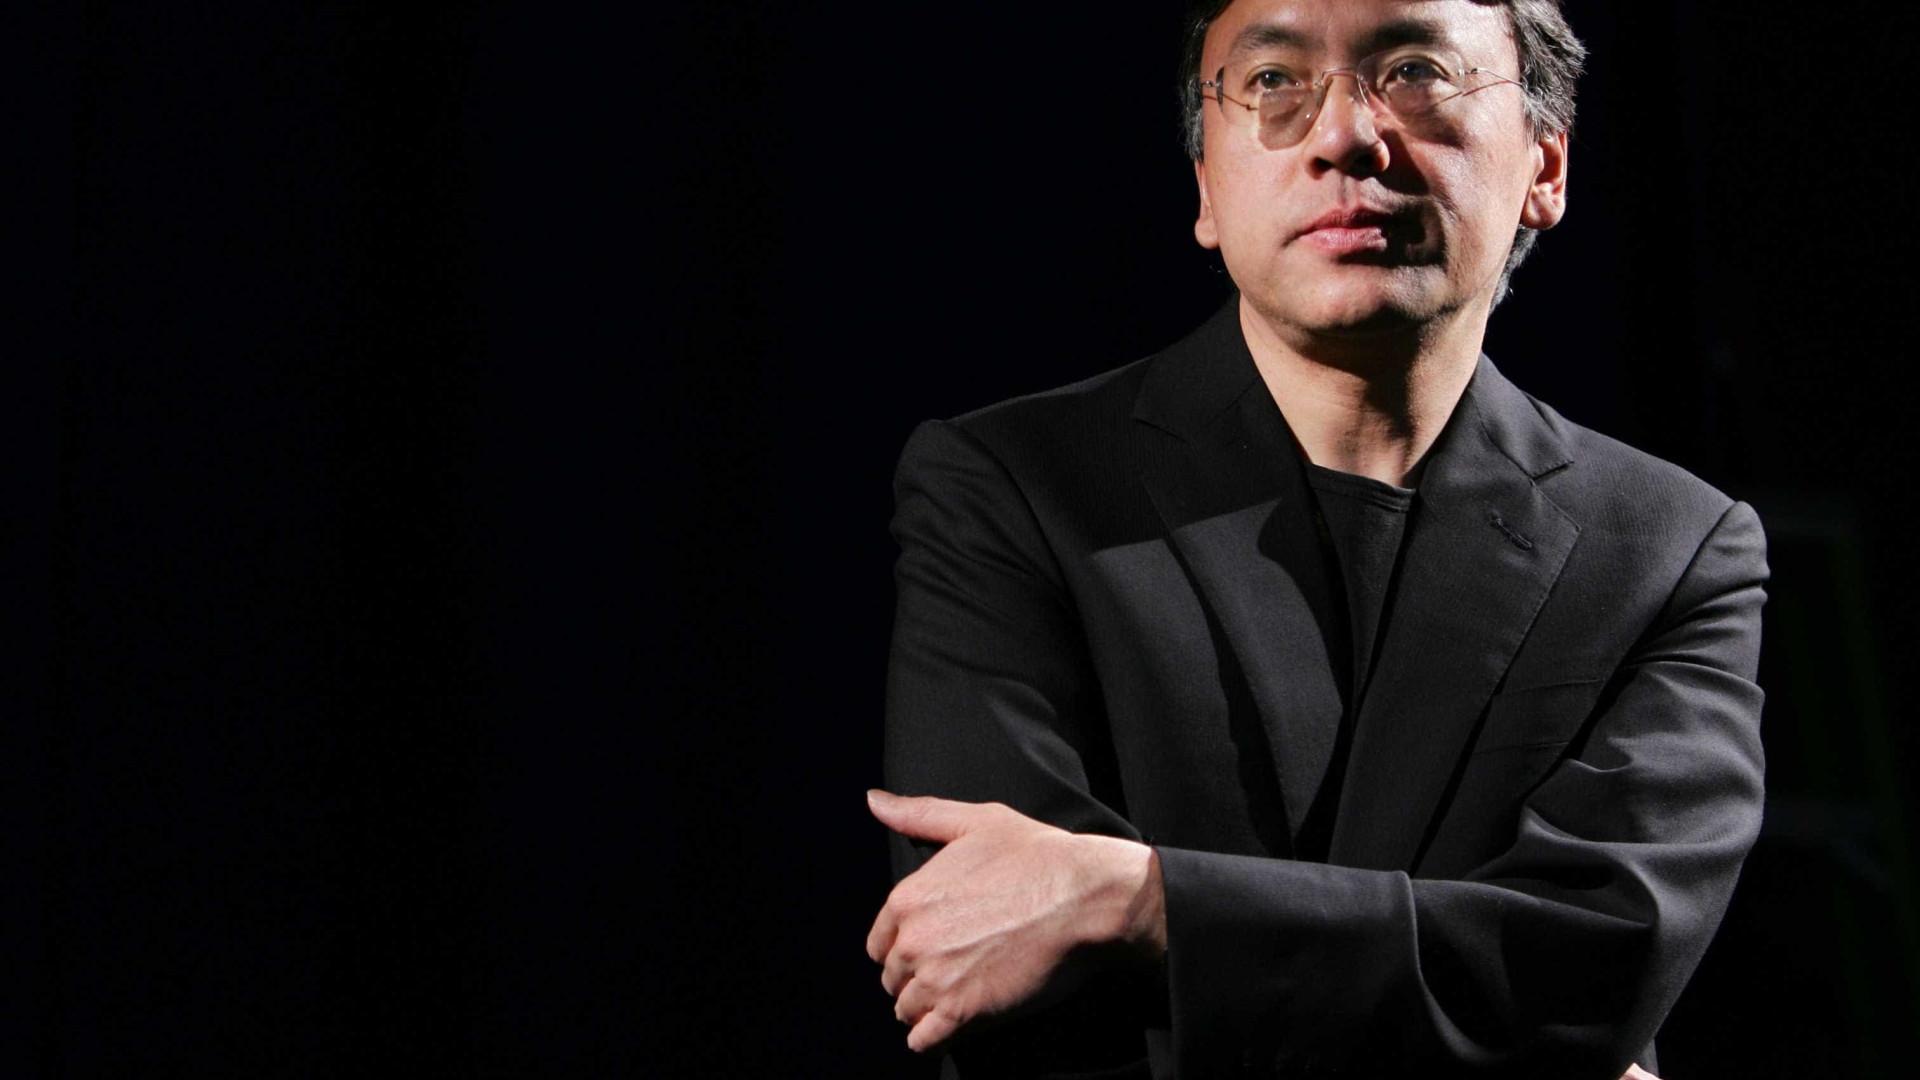 """Chegou a era da """"complacência e oportunidades perdidas"""", diz Ishiguro"""